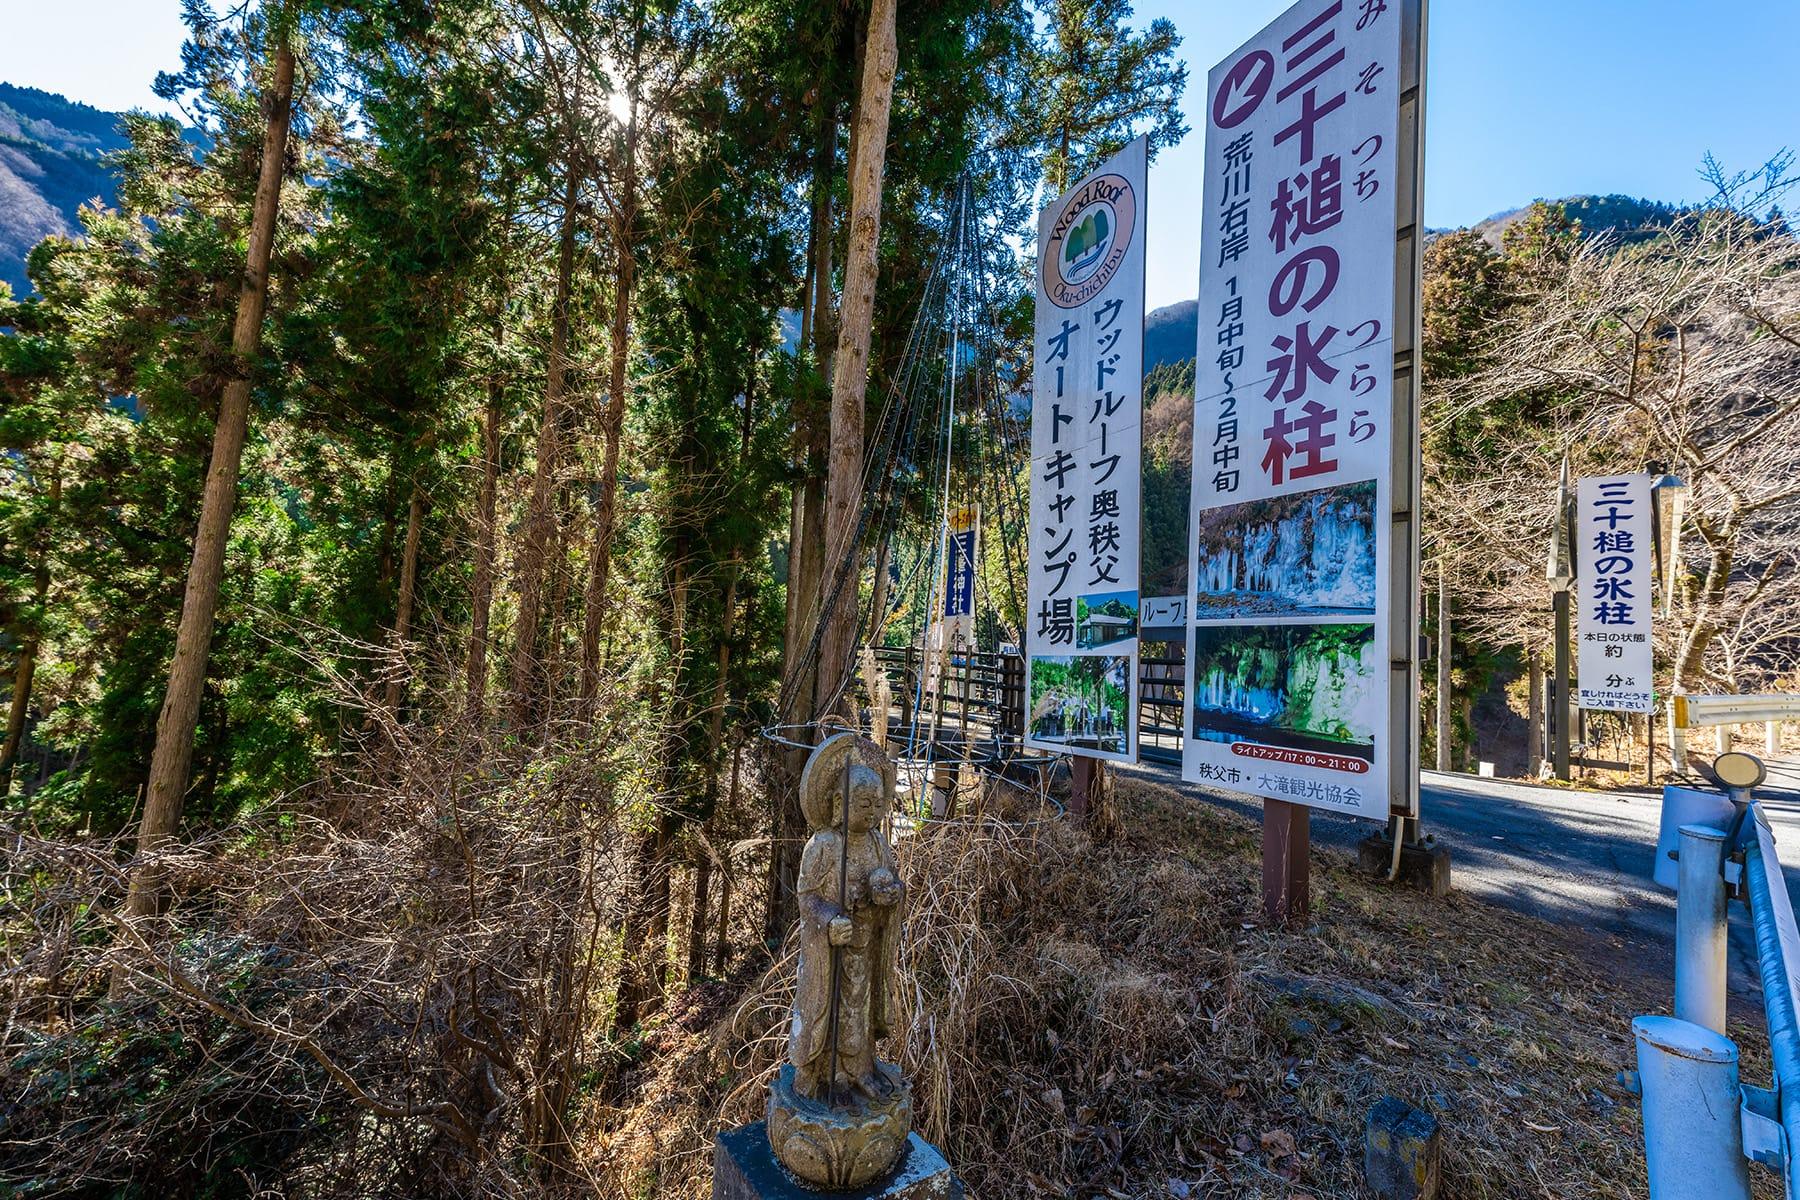 三十槌の氷柱 【三十槌荒川河川敷|埼玉県秩父市】| フォトさいたま